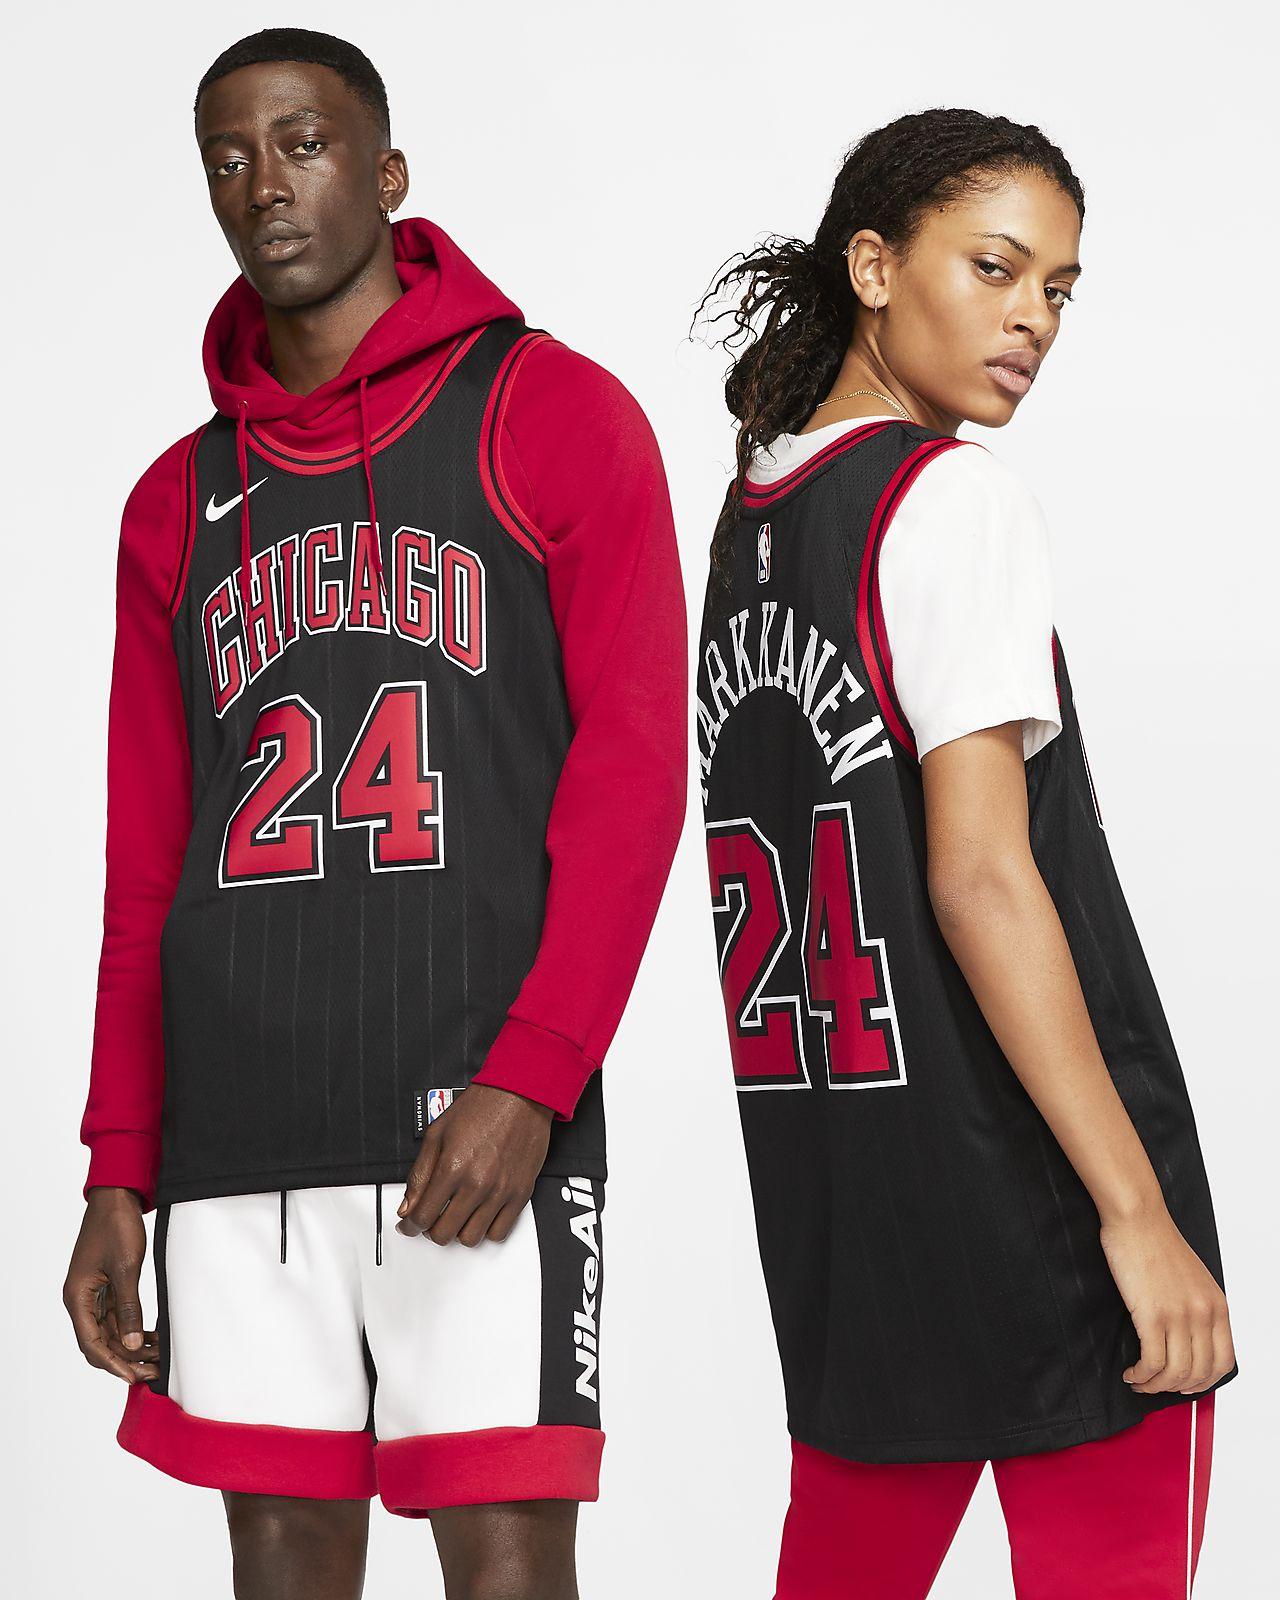 Camisola NBA da Nike Swingman Lauri Markkanen Bulls Statement Edition